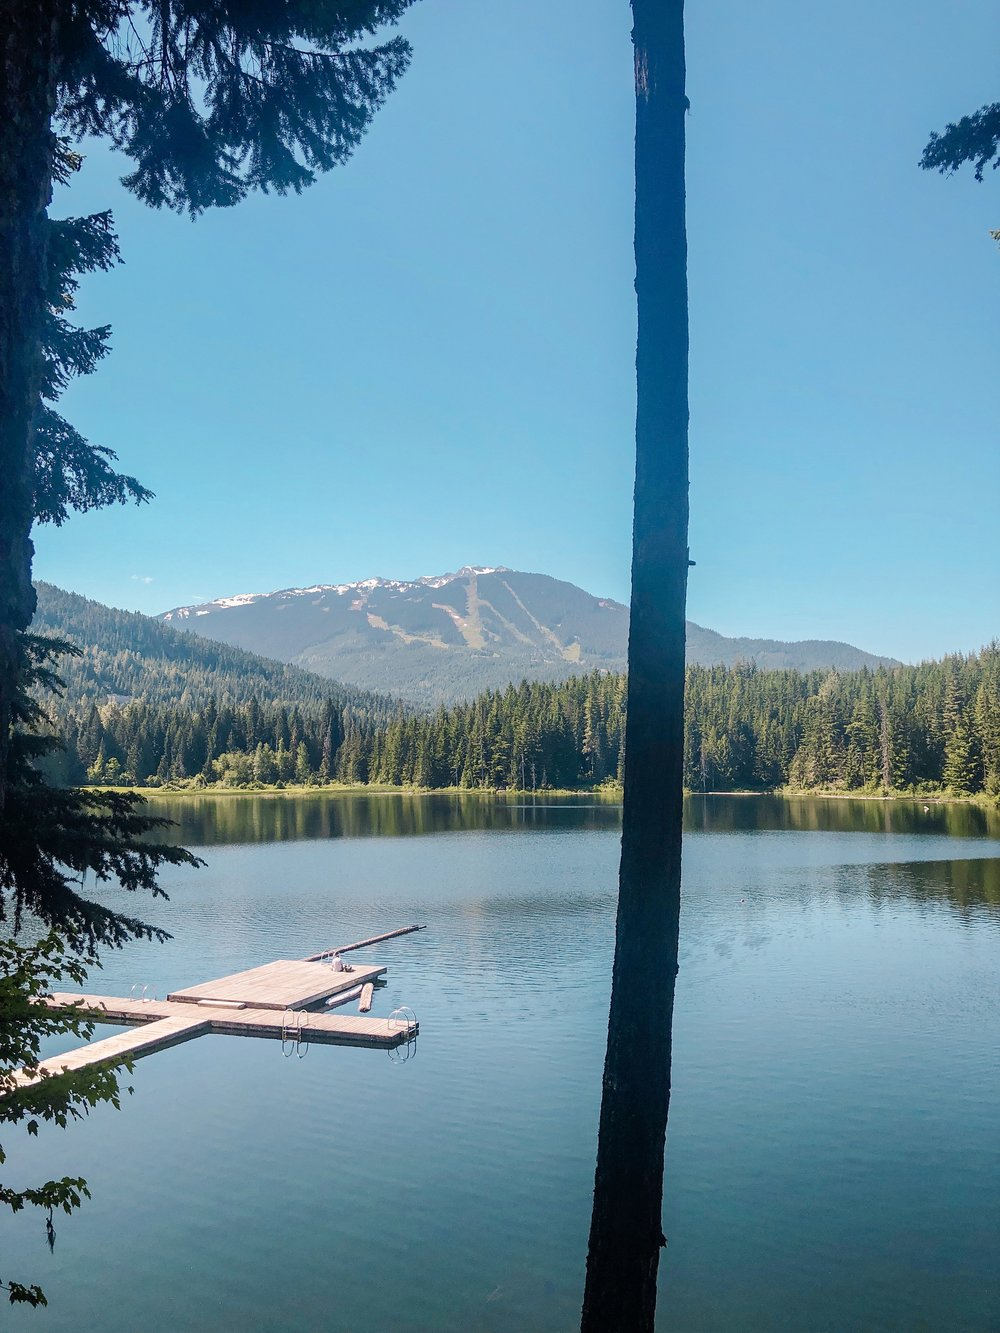 Lost Lake Whistler swimming docks